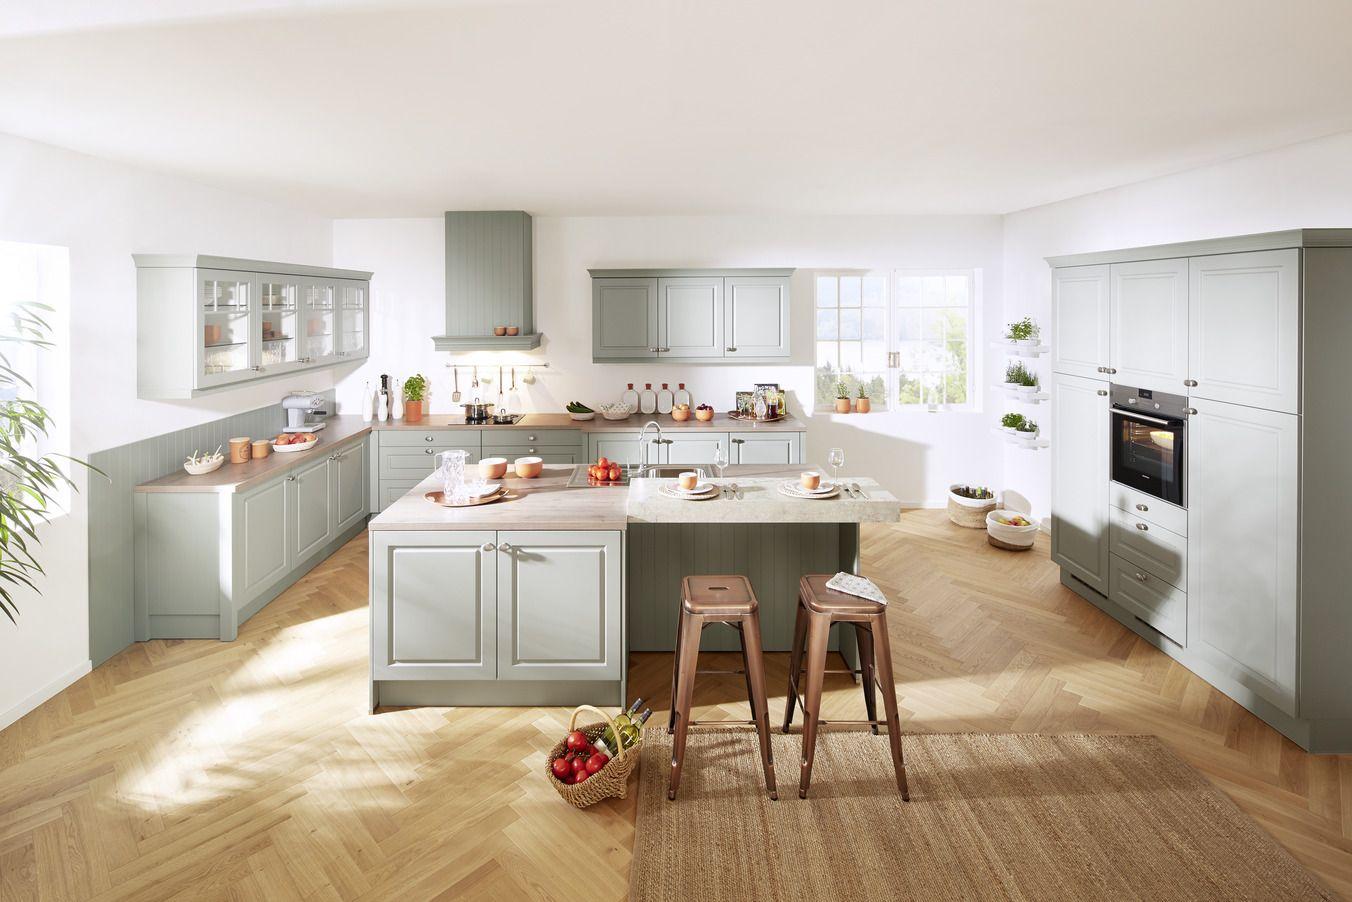 New Prachtige moderne keuken van Bauformat Onze eigen keukens Pinterest